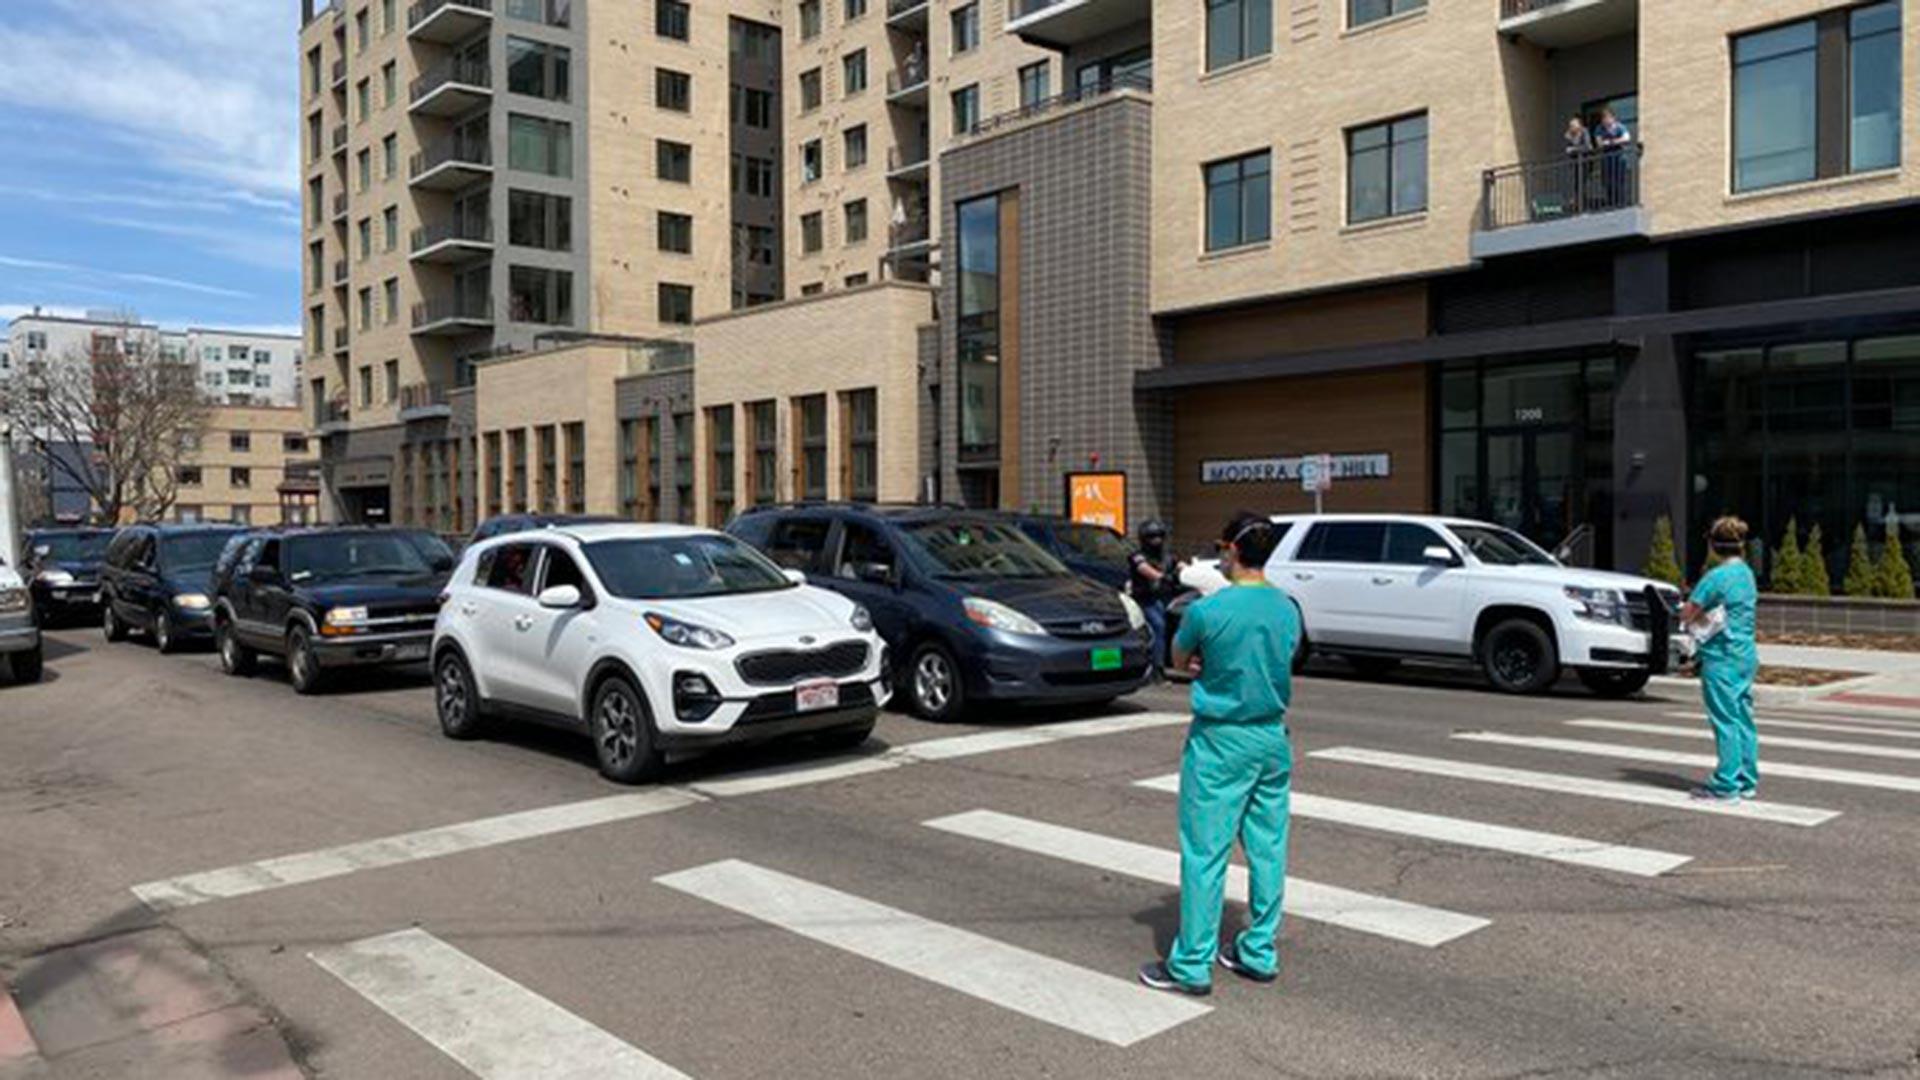 """Los enfermeros lamentaron la """"agresividad"""" de los manifestantes, que no escondían su enojo (@dcwoodruff)"""